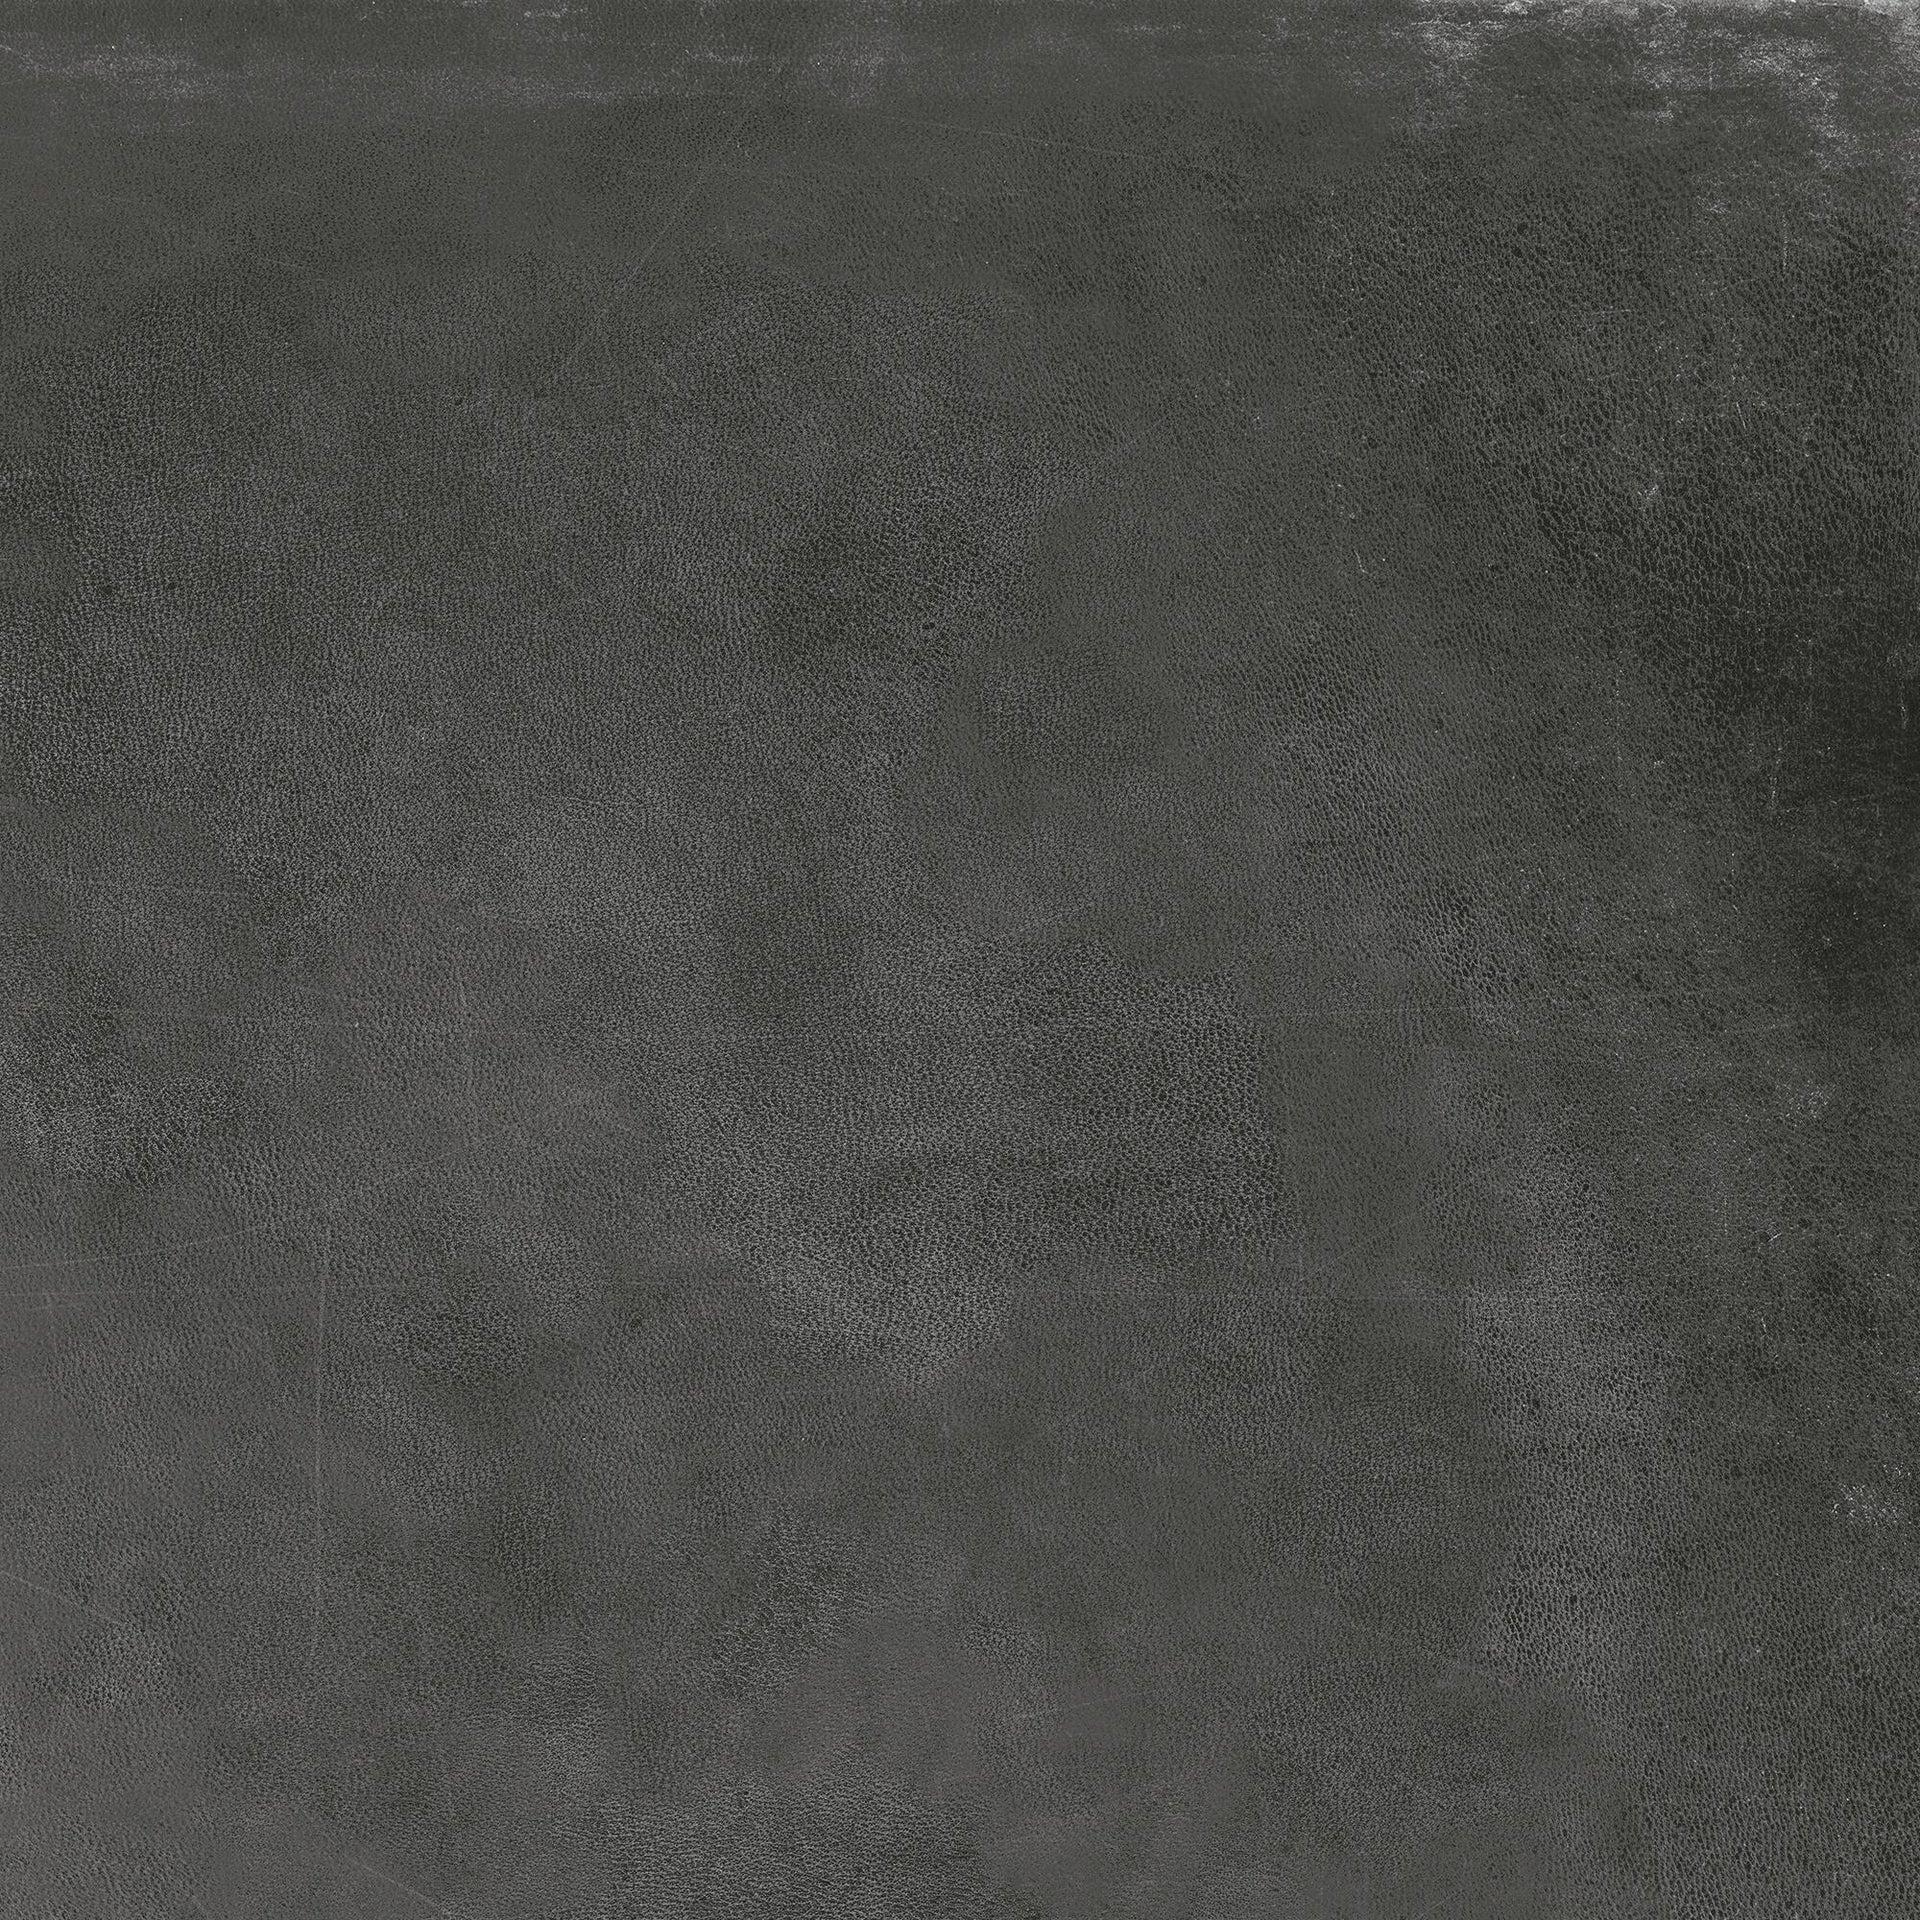 Piastrella Worn 60 x 60 cm sp. 9 mm PEI 3/5 grigio - 2